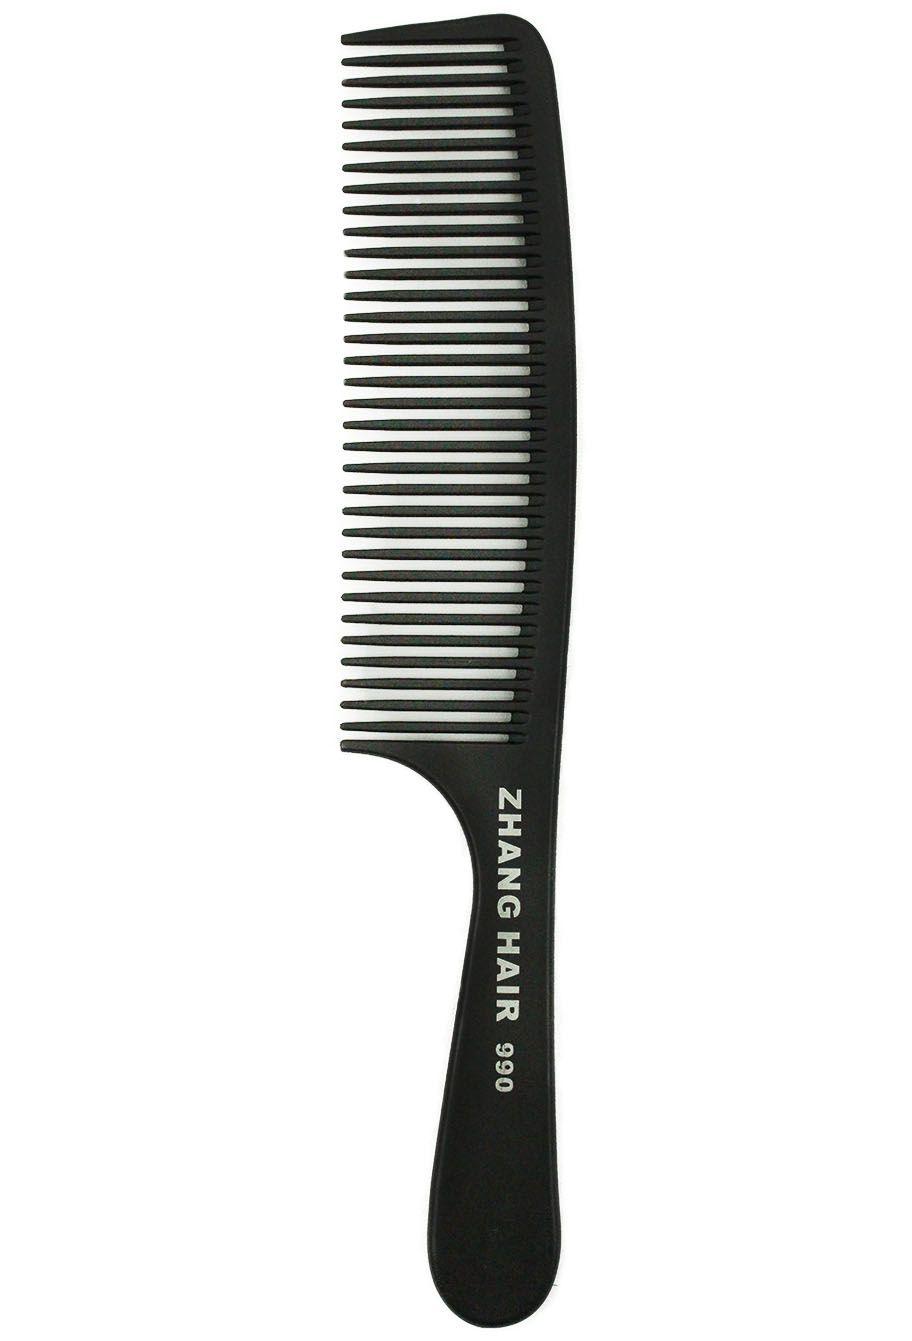 Pente de Carbono - Zhang Hair 990 -  Cerdas Médias